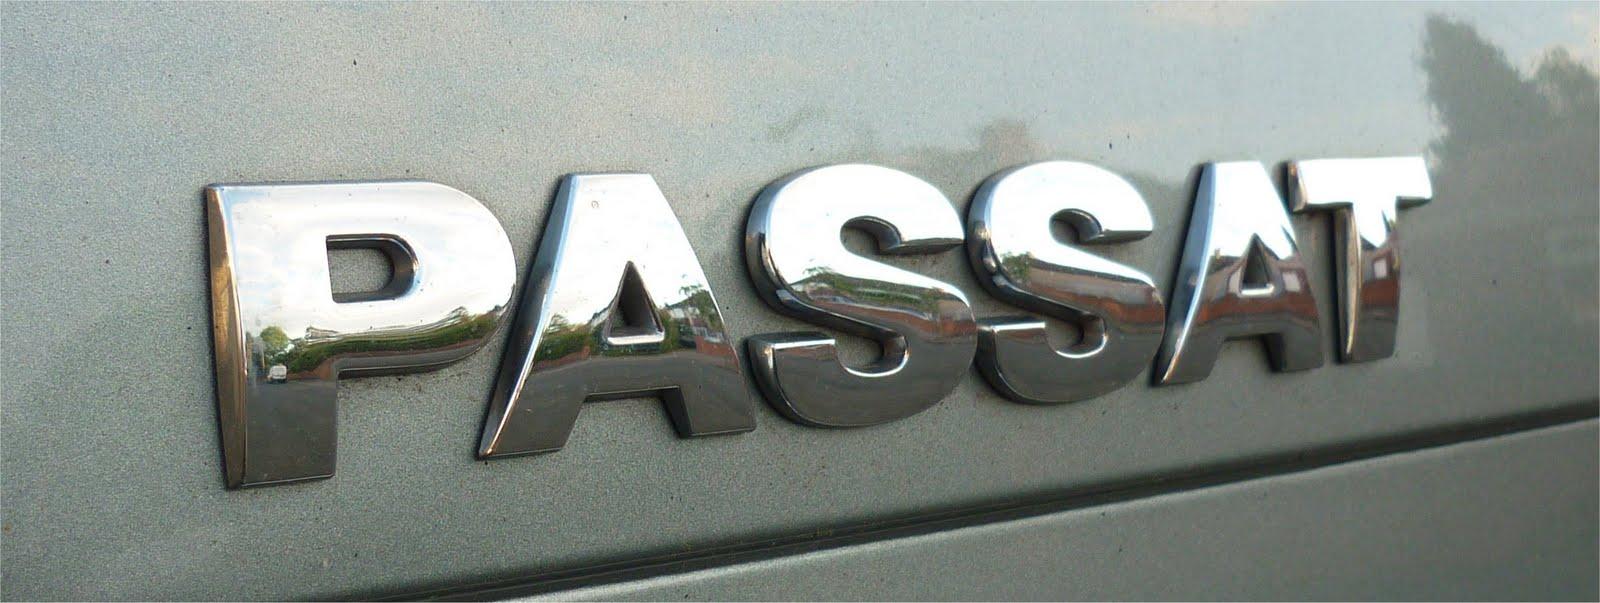 Passat Repairs